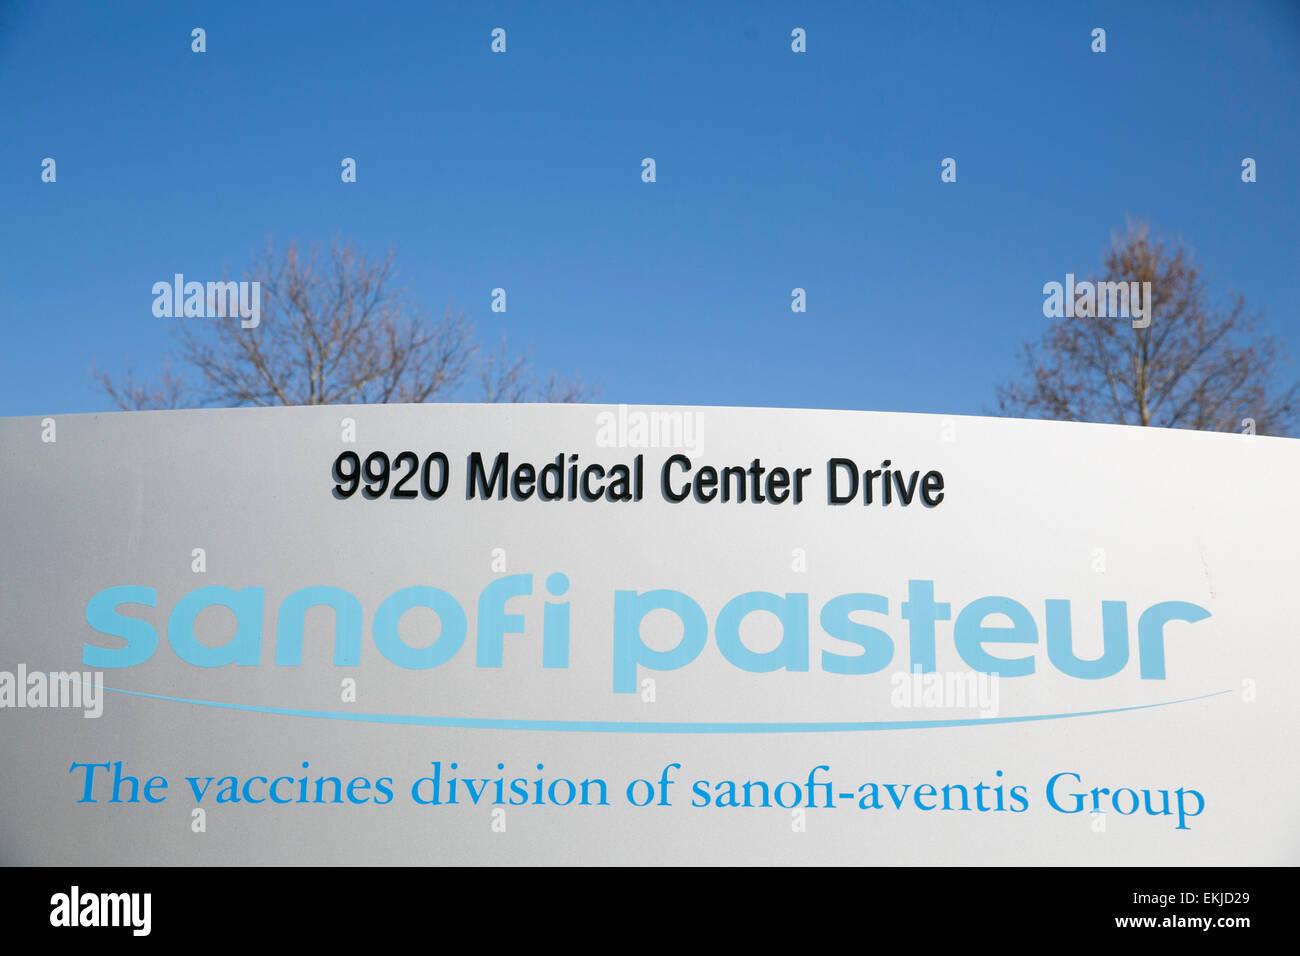 Sanofi Pasteur Stock Photos Sanofi Pasteur Stock Images Alamy